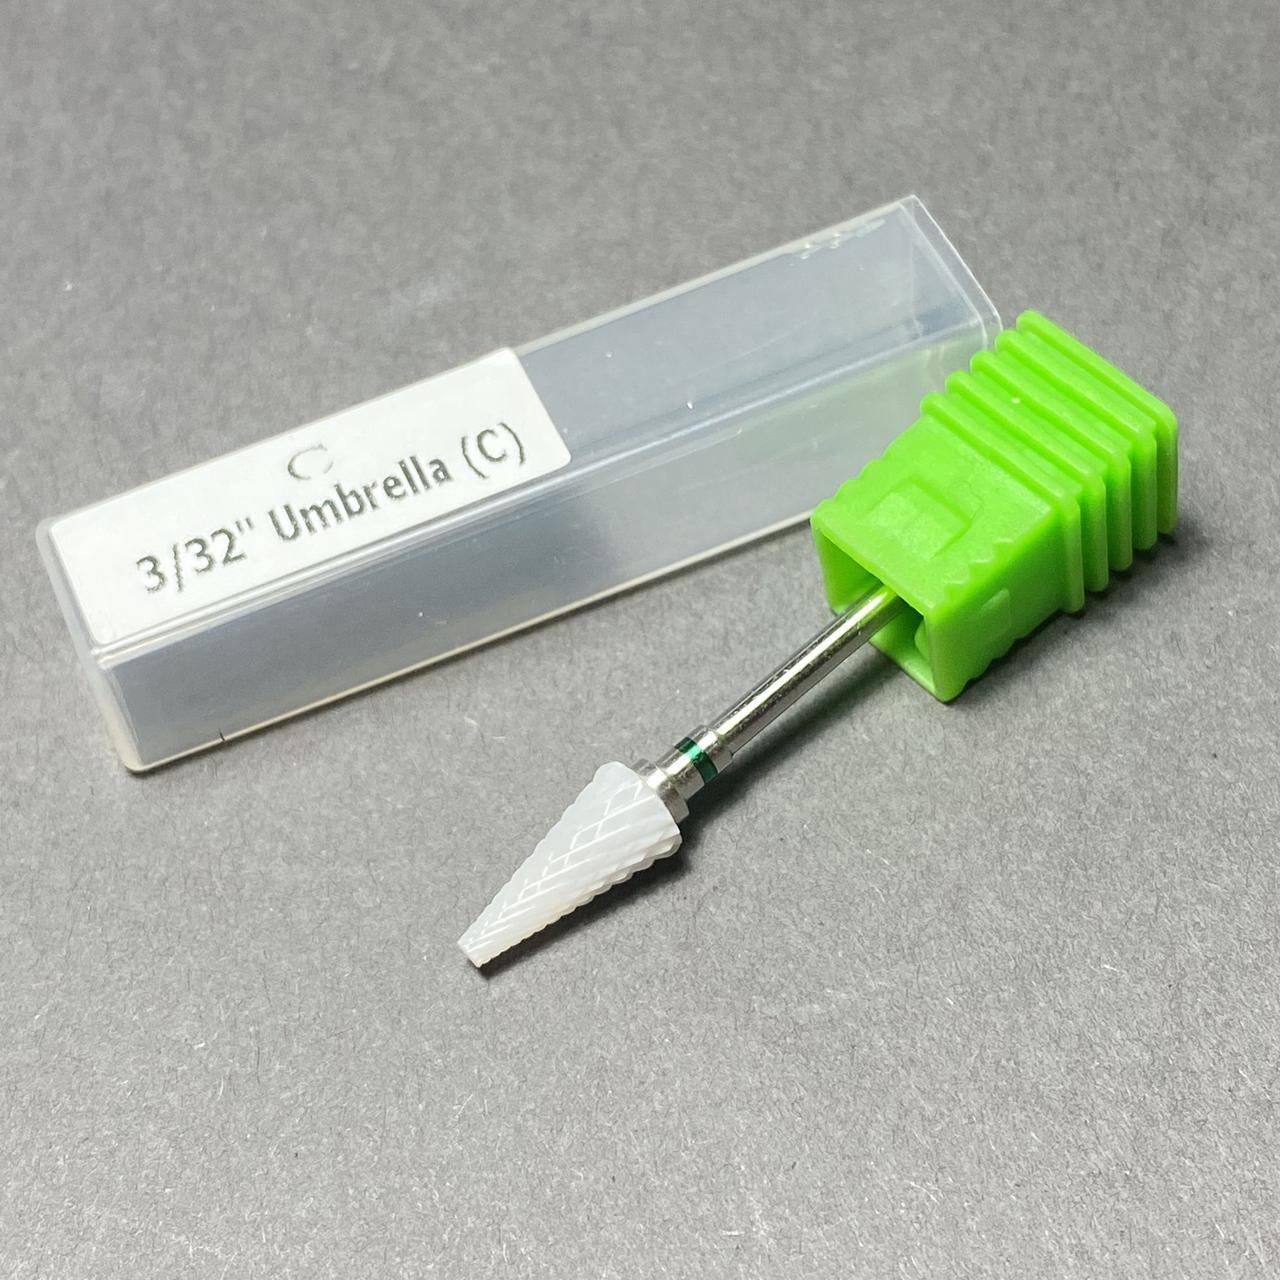 Насадка керамическая для фрезера маникюрного С3/32 зеленая